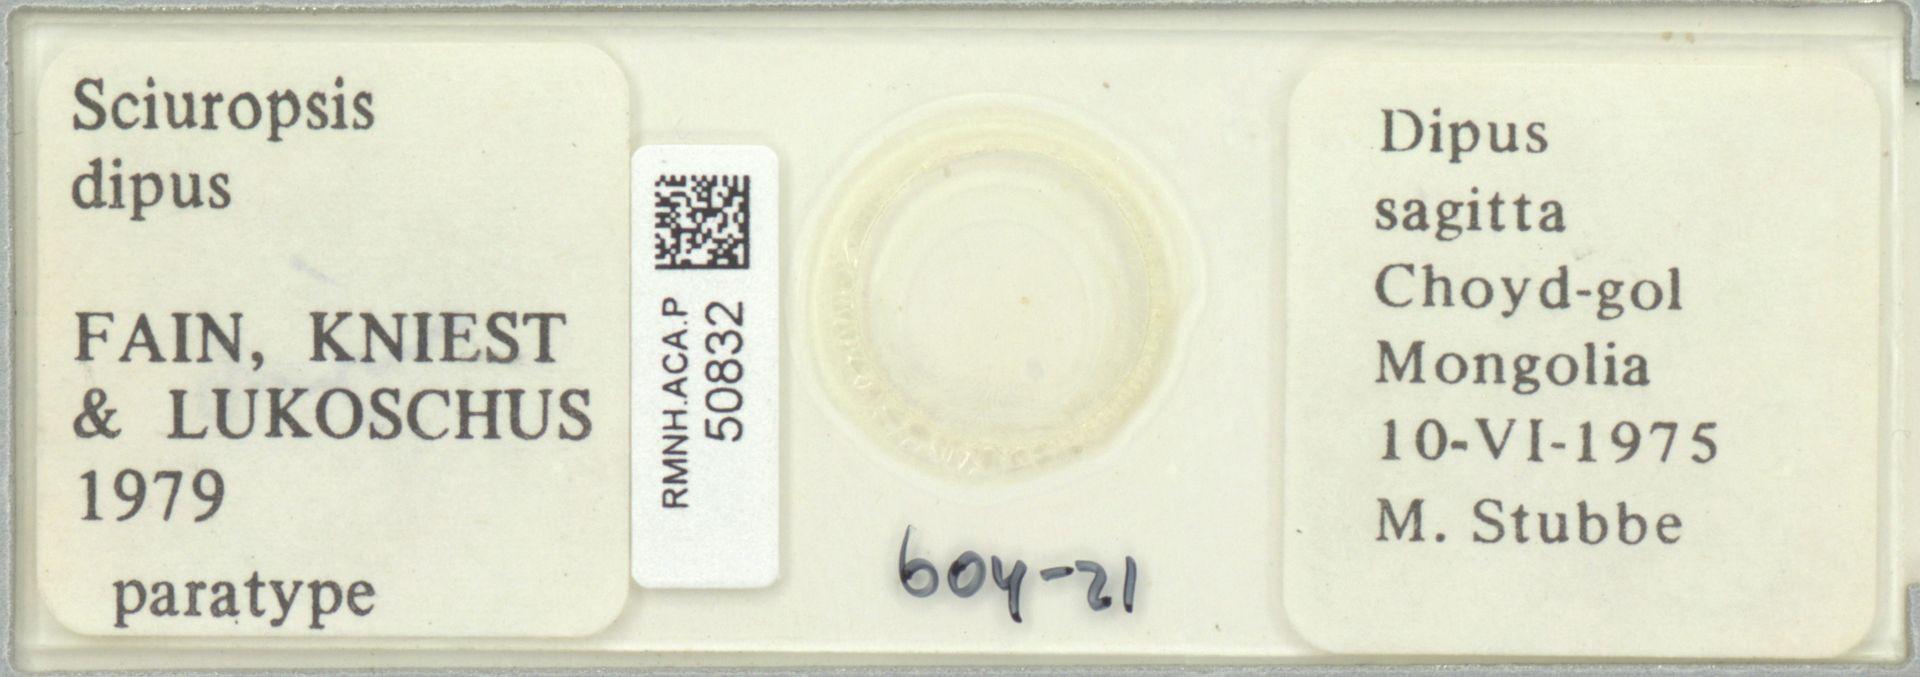 RMNH.ACA.P.50832 | Sciuropsis dipus Fain, Kniest & Lukoschus 1979